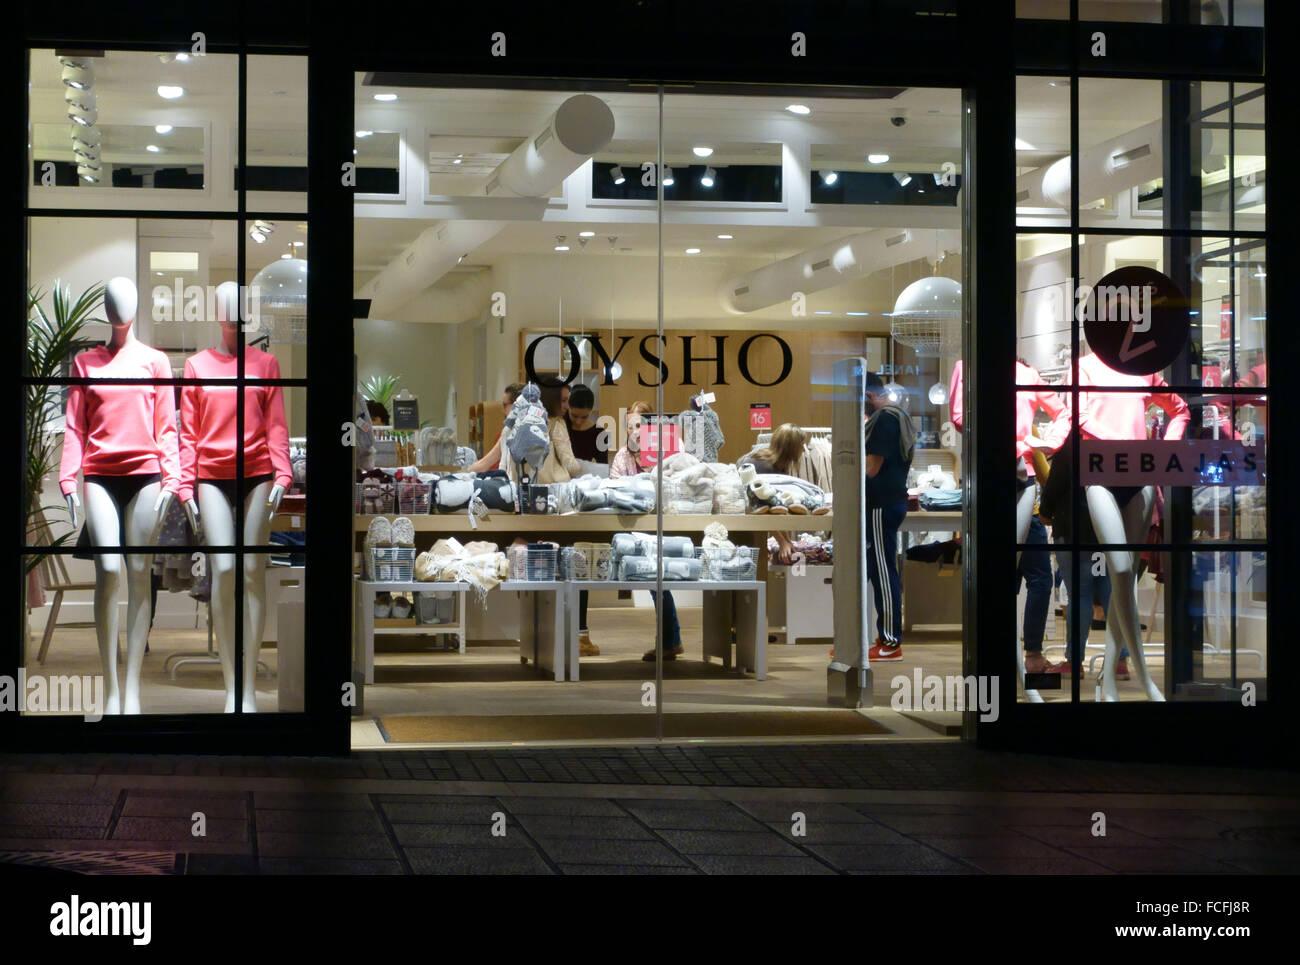 48a189134813a De la Direction générale de la chaîne de la mode pour femmes à Oysho Santa  Cruz